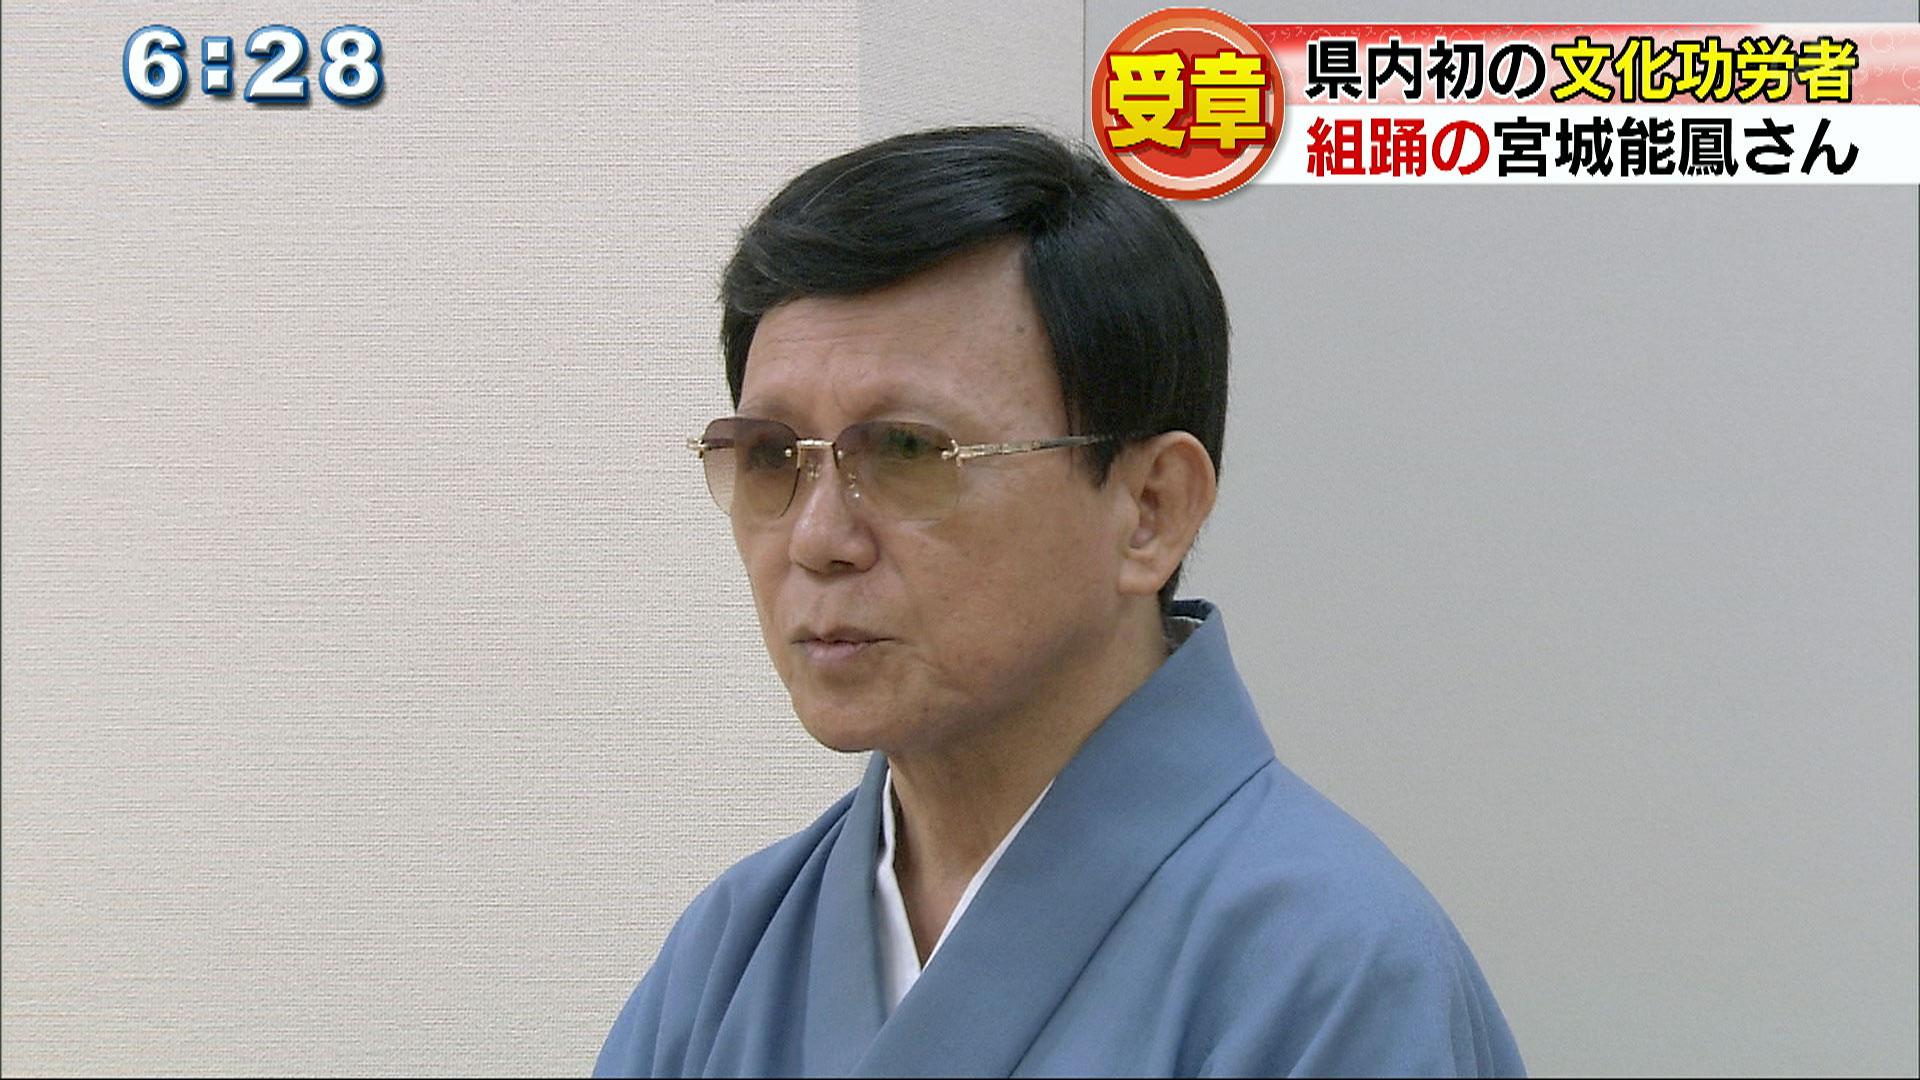 宮城能鳳さんが「文化功労者」受章